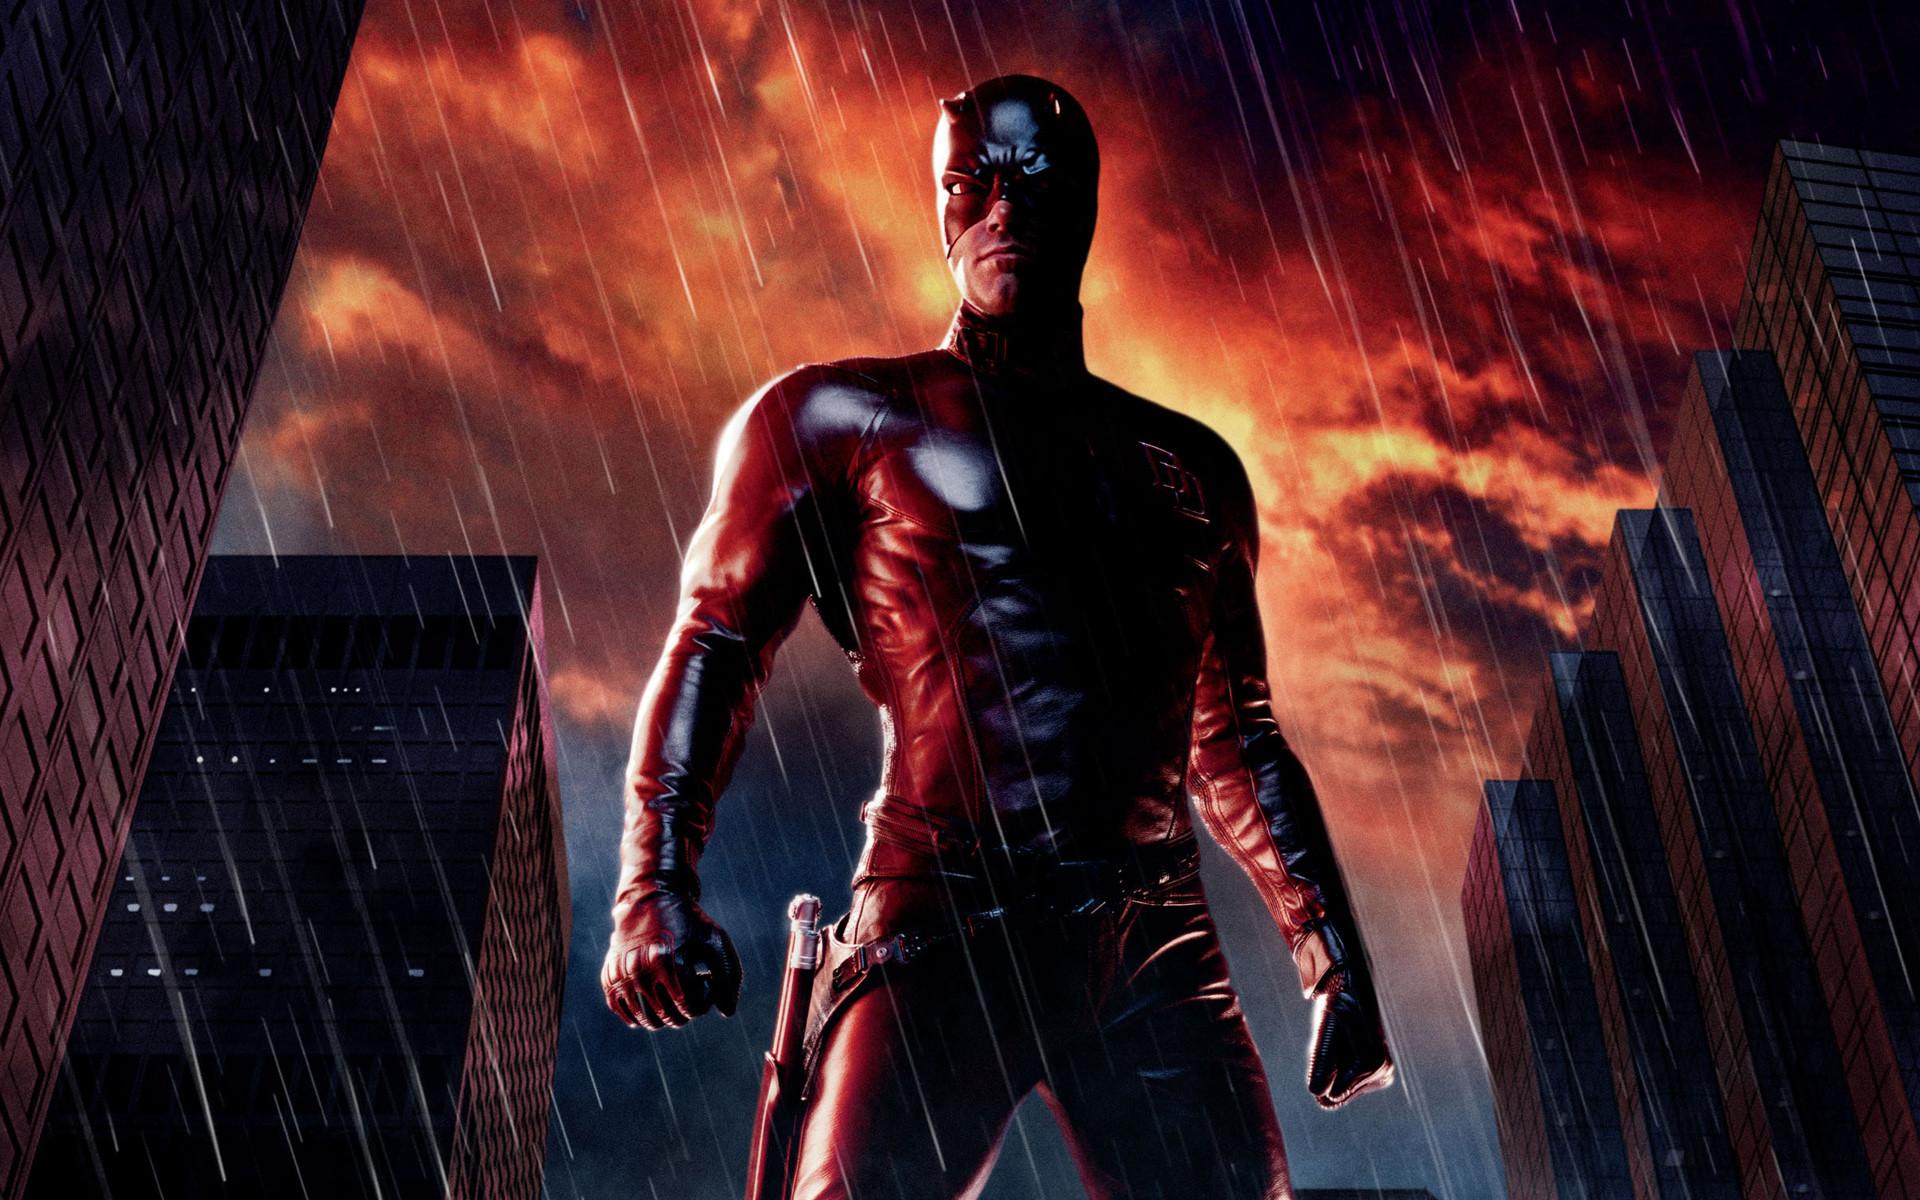 Album: Daredevil: Wallpaper, wallpapers, fond ecran, fond ecrans .